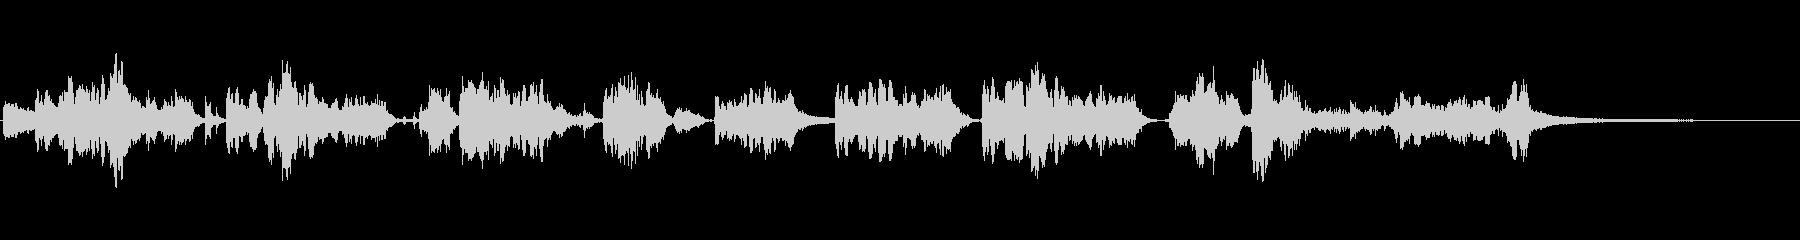 情緒深い中国民族音楽の未再生の波形